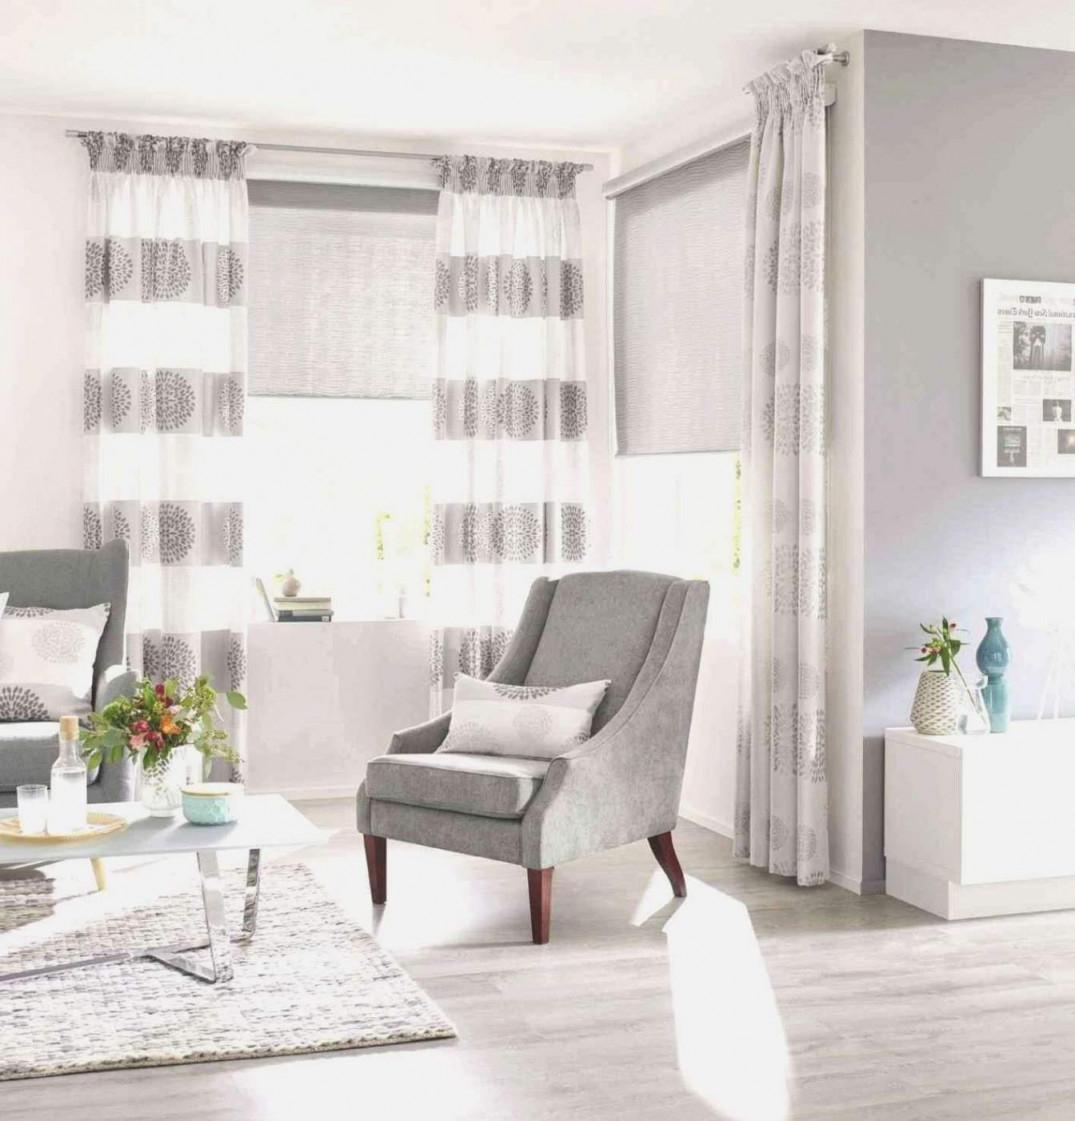 36 Elegant Wohnzimmer Vorhang Einzigartig  Wohnzimmer Frisch von Gardinen Ideen Wohnzimmer Photo